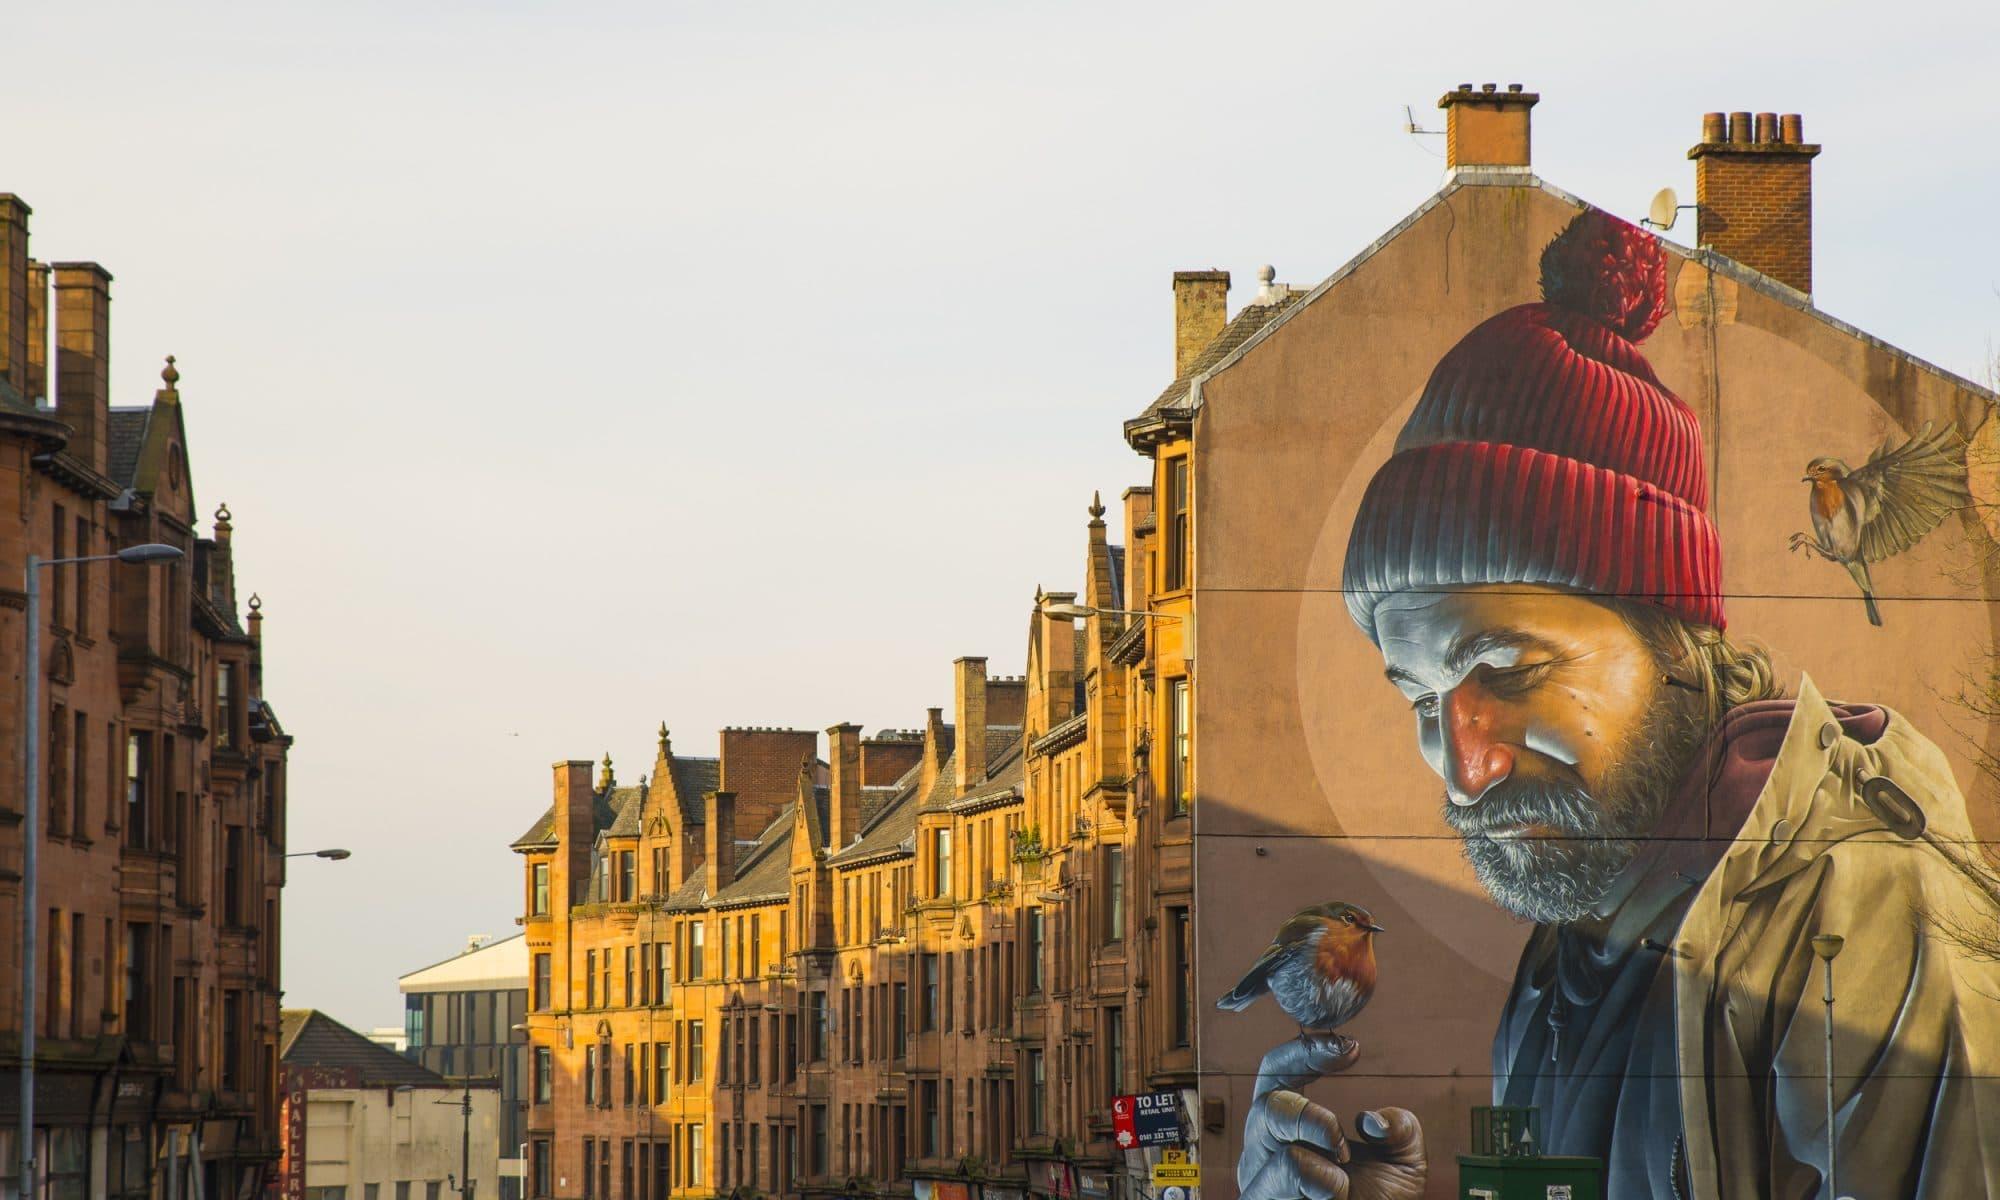 glasgow strglasgow-streetart-roadtrip-scotland-siredwardseetart roadtrip scotland siredwards